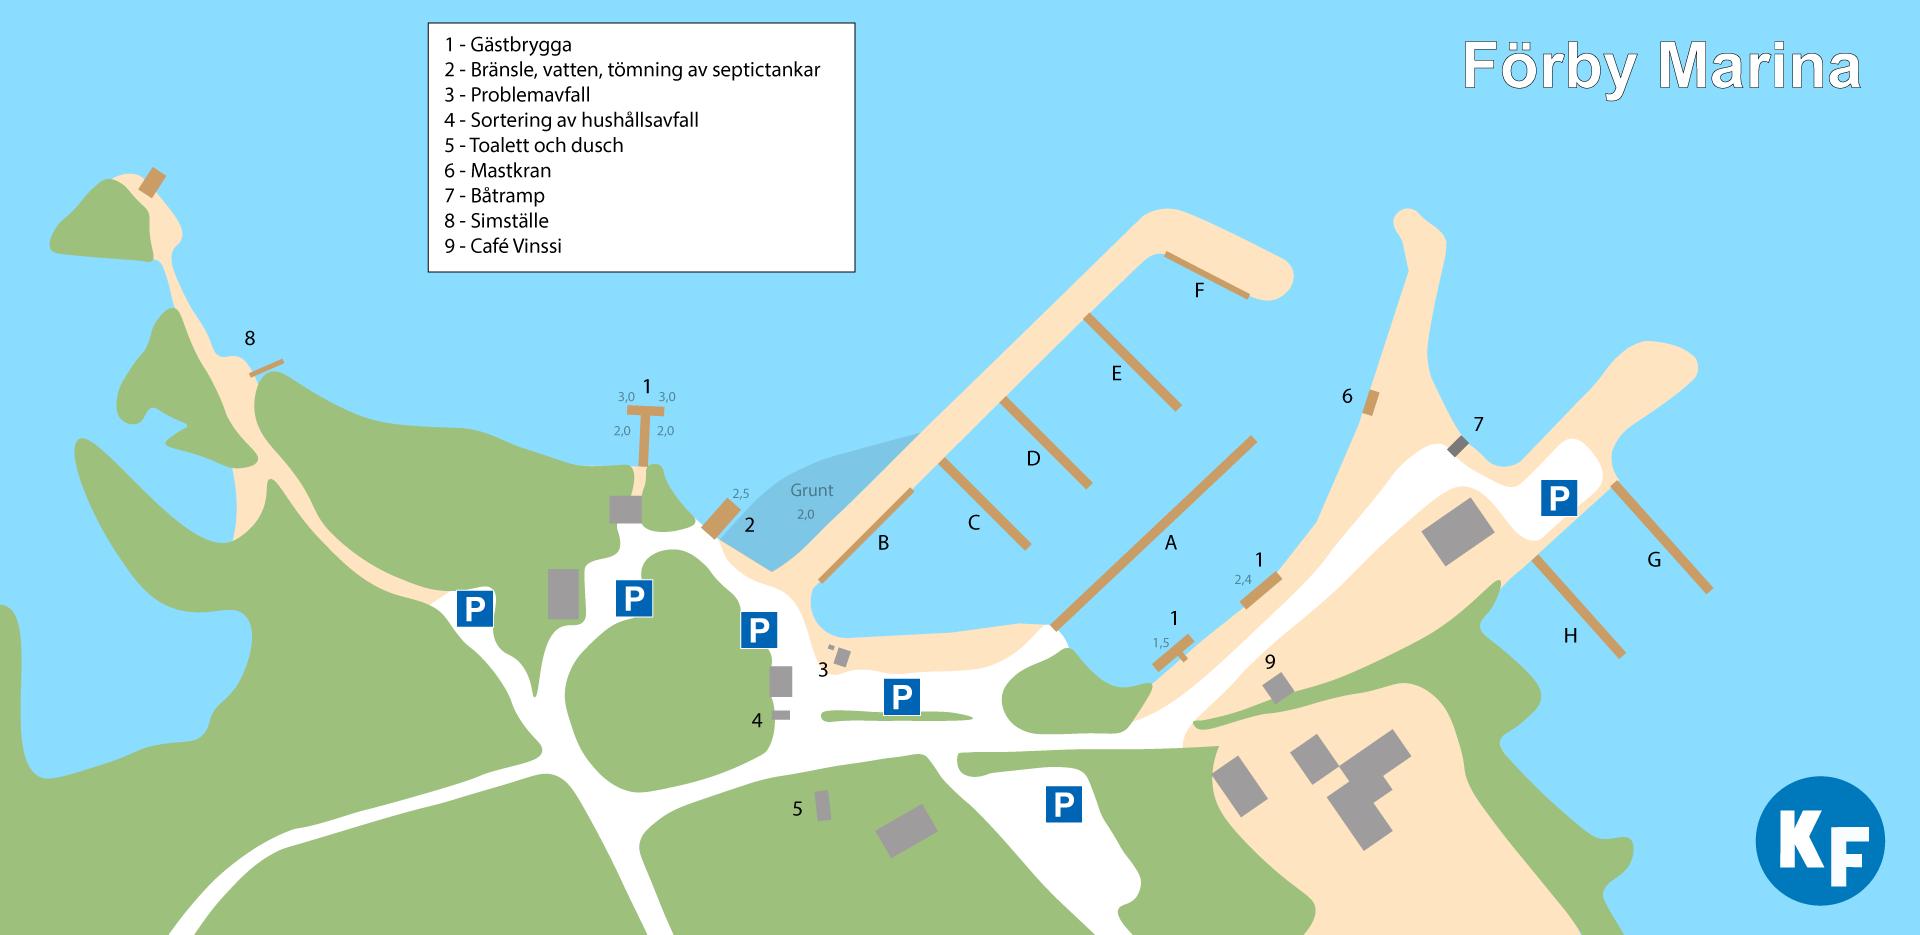 Kartan över hamnen visar de olika service punkterna i småbåtshamnen.